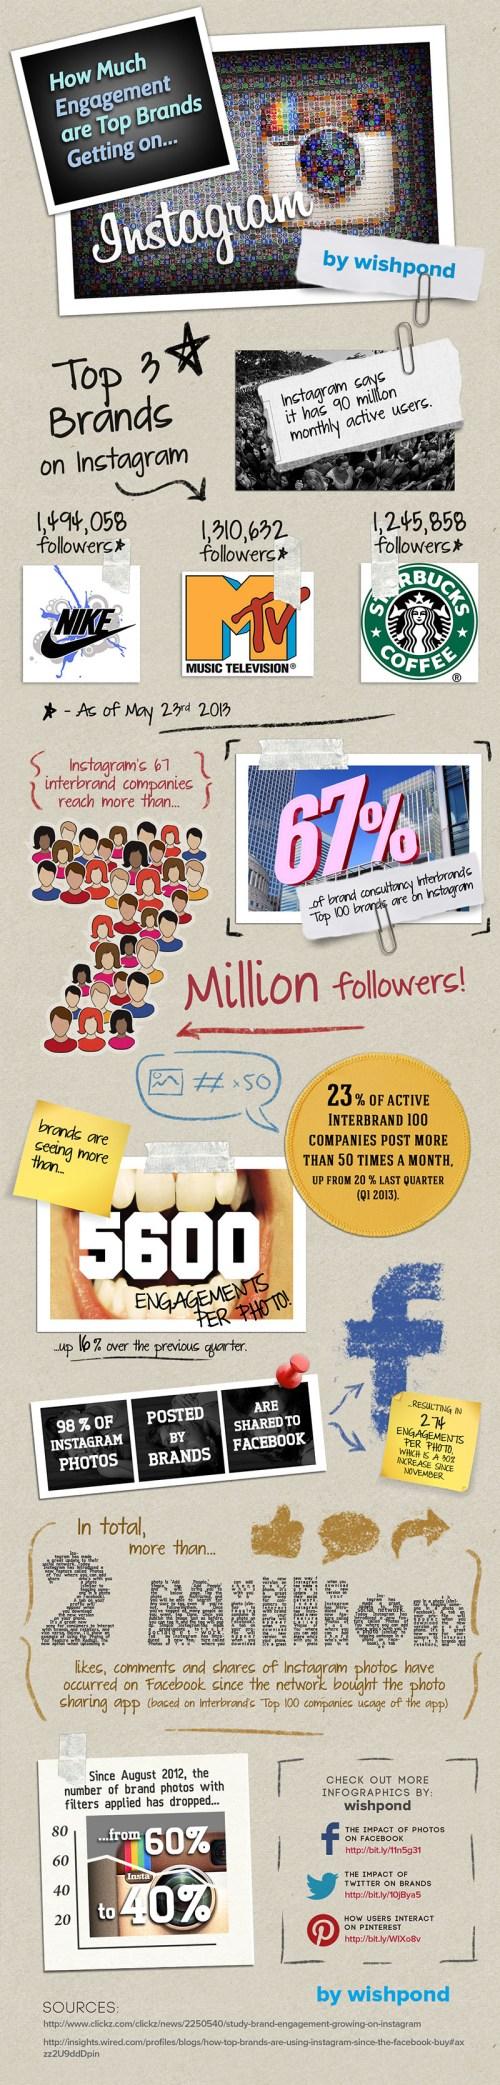 Infographic_TopBrands_InstagramEngagement_1-2